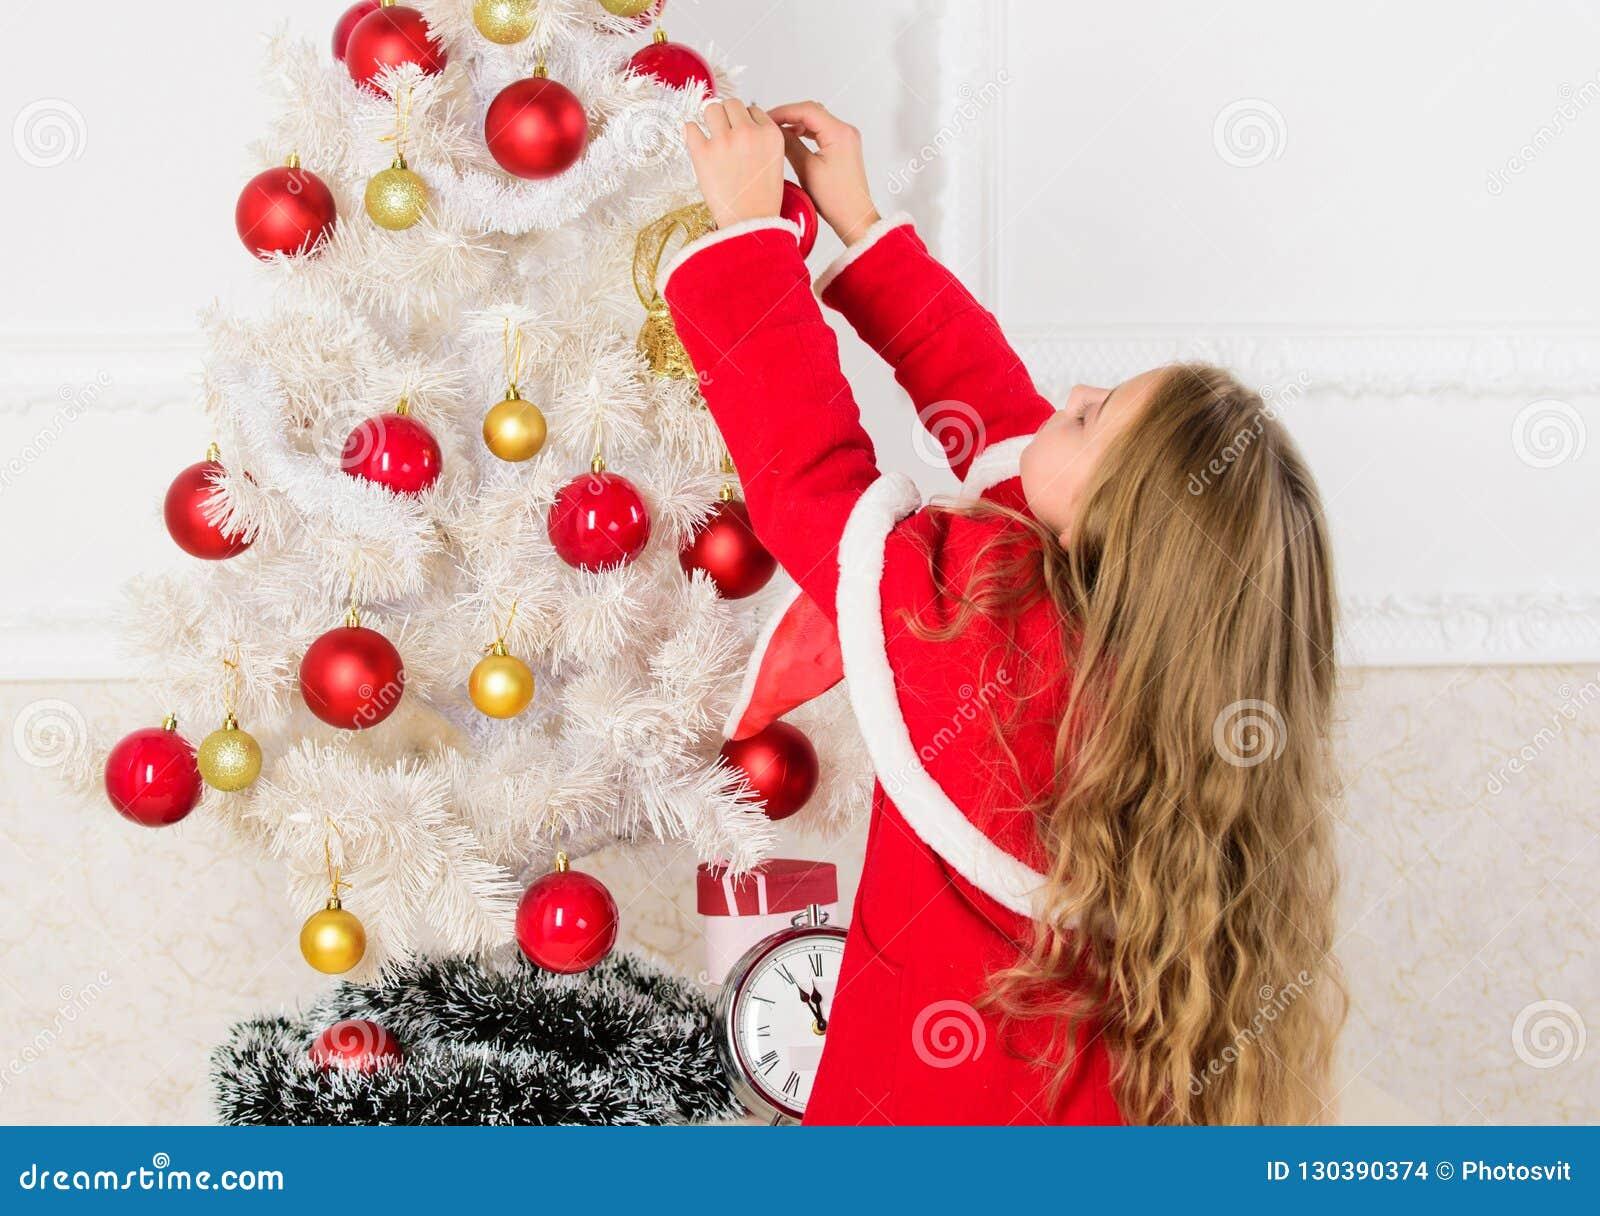 Hoe te om Kerstmisboom met jong geitje te verfraaien Laat jong geitje Kerstmisboom verfraaien Het favoriete deel verfraaien Het k